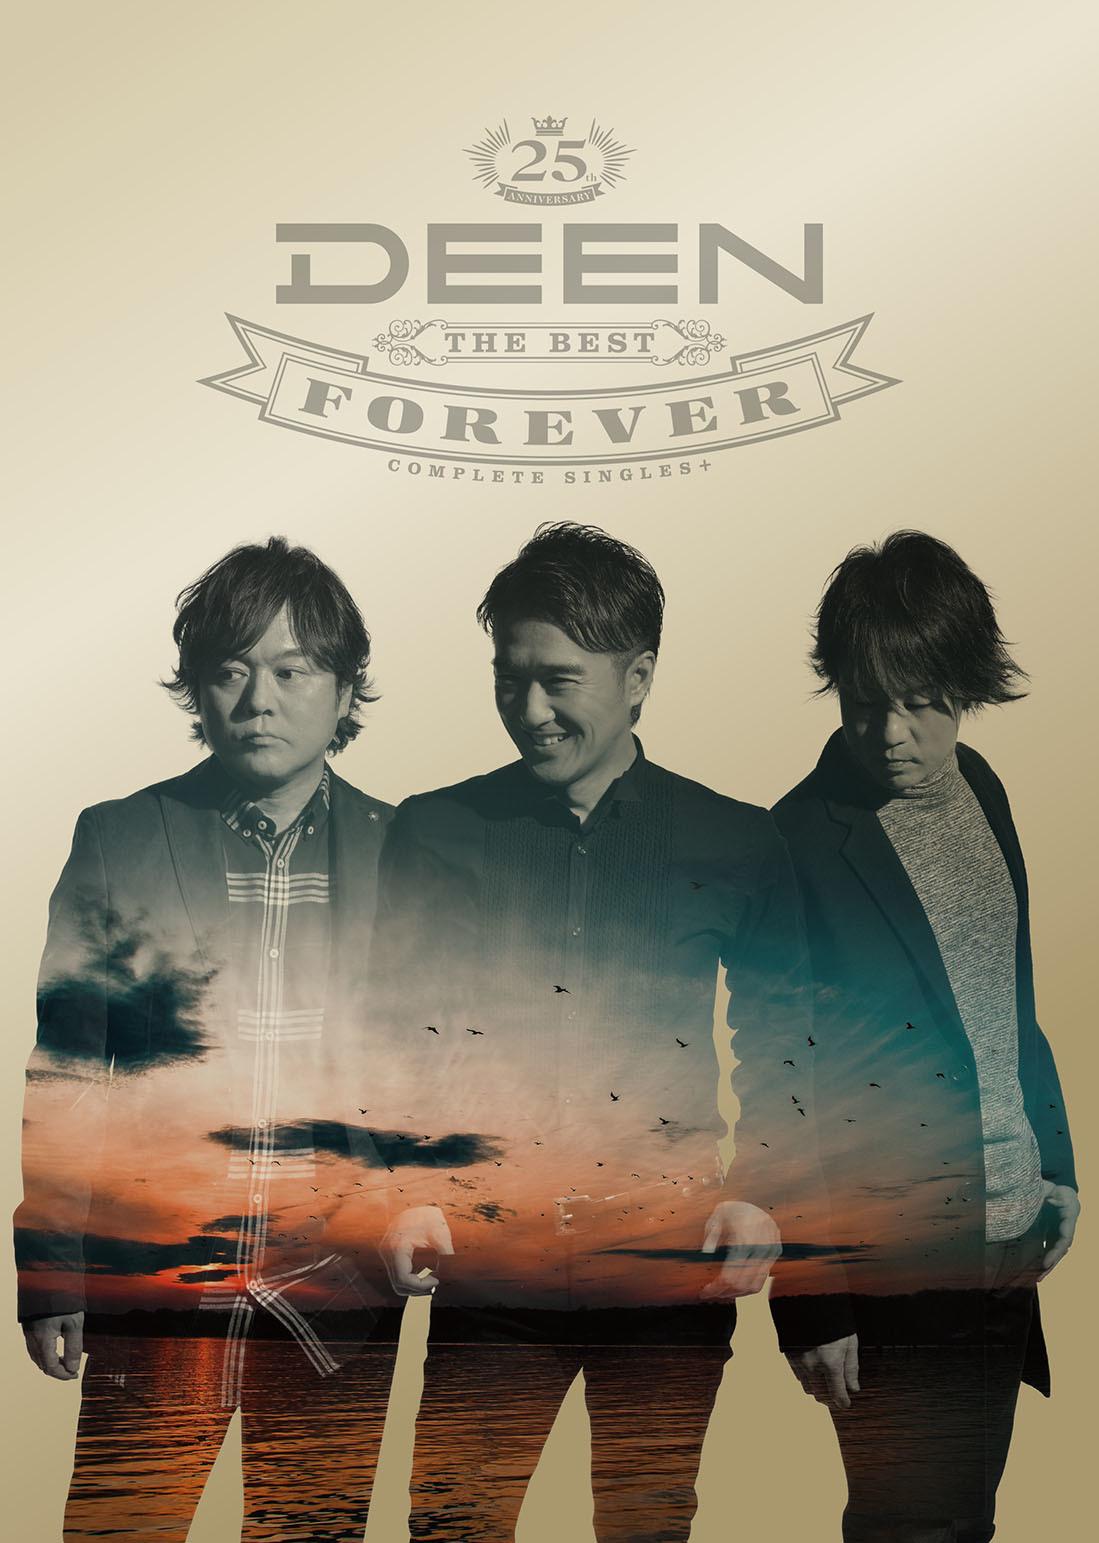 DEEN『DEEN The Best FOREVER』完全限定プレミアム盤